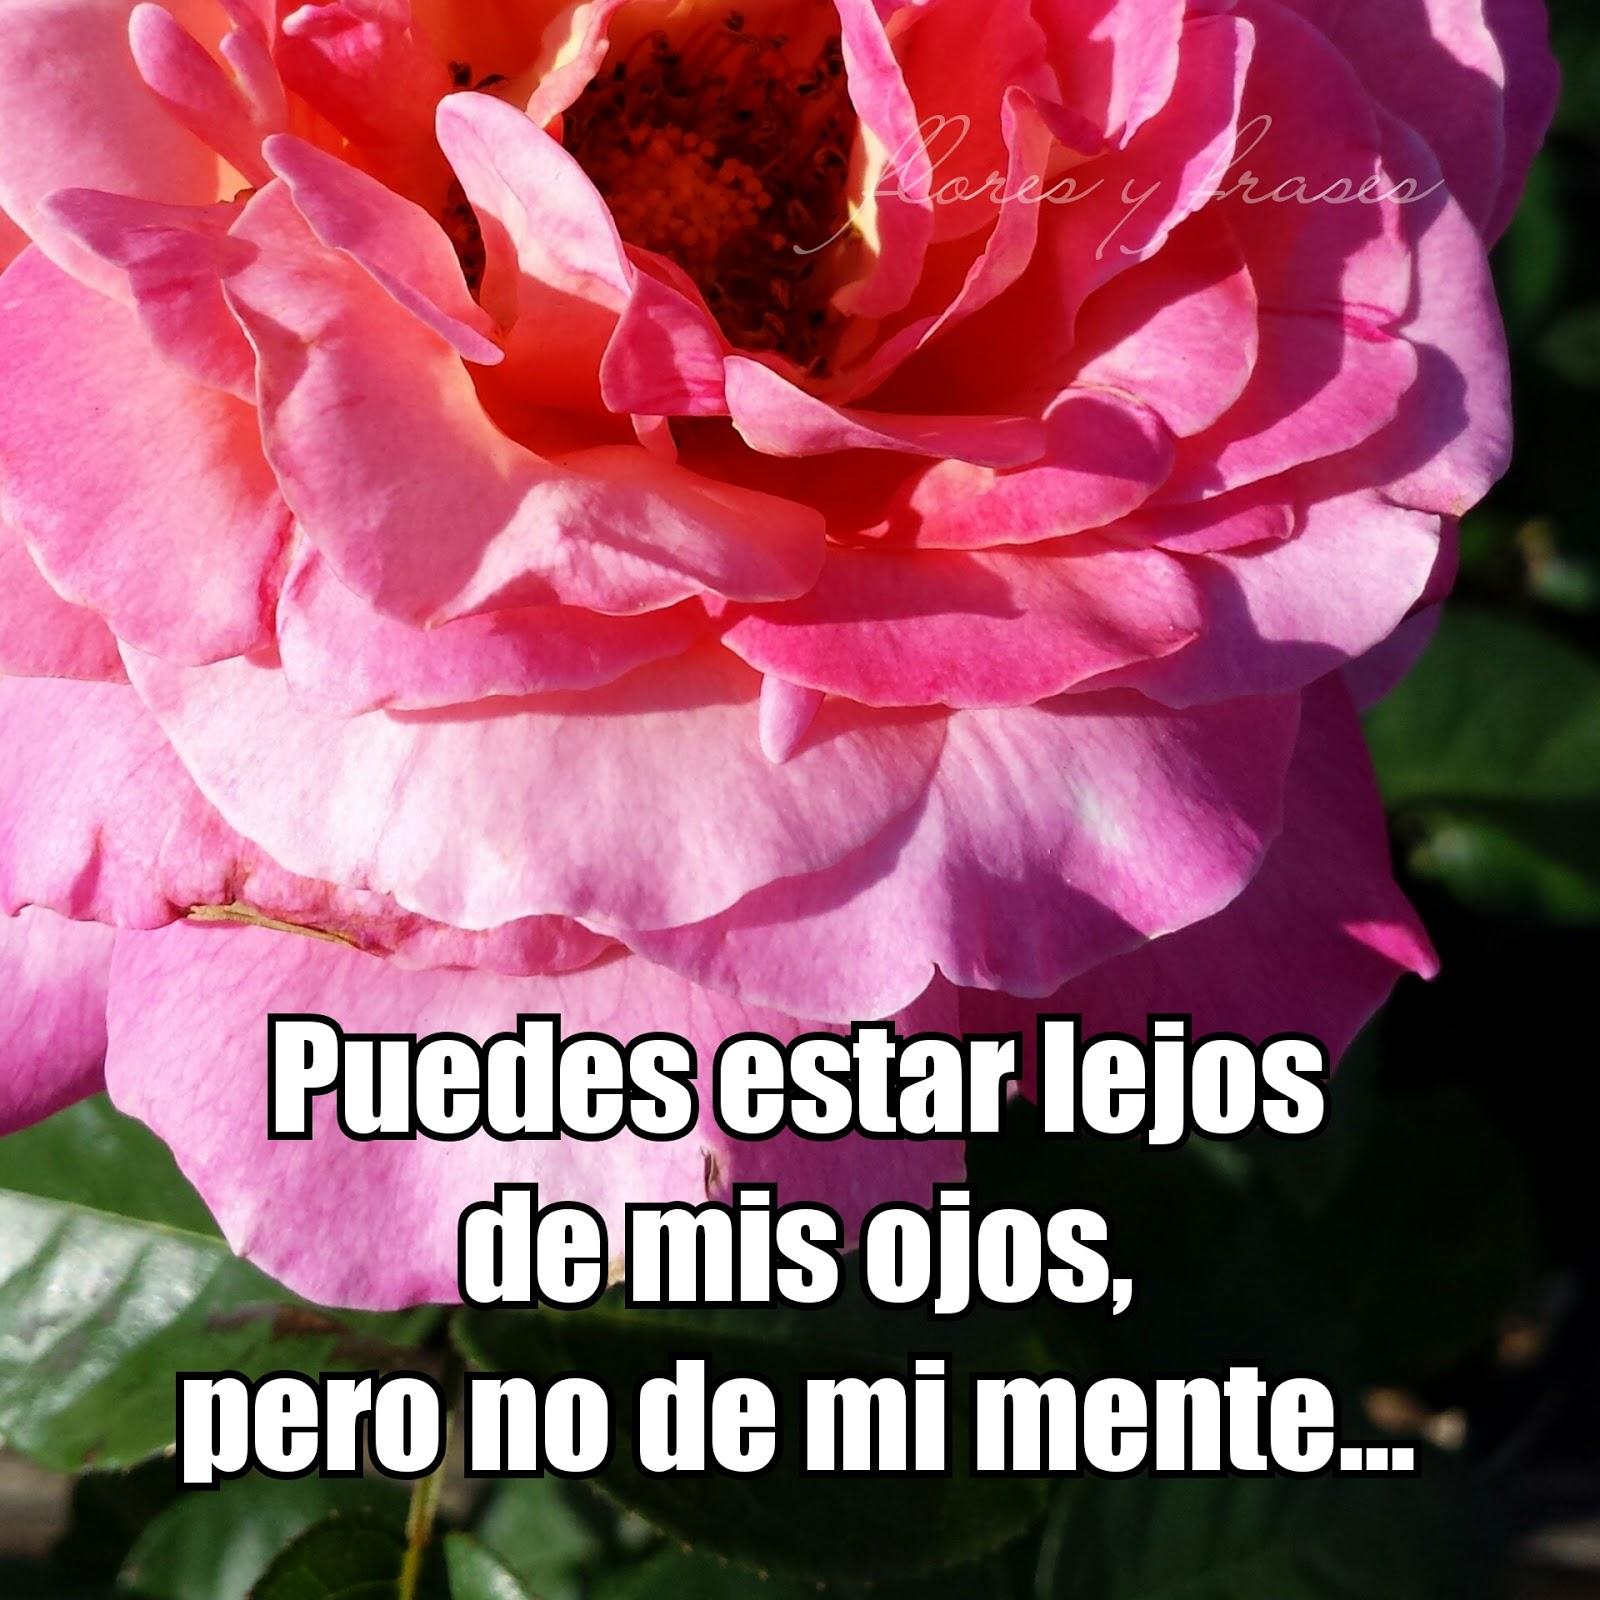 Flores Y Frases Mensajes Para La Persona Que Siempre Esta En Mi Mente